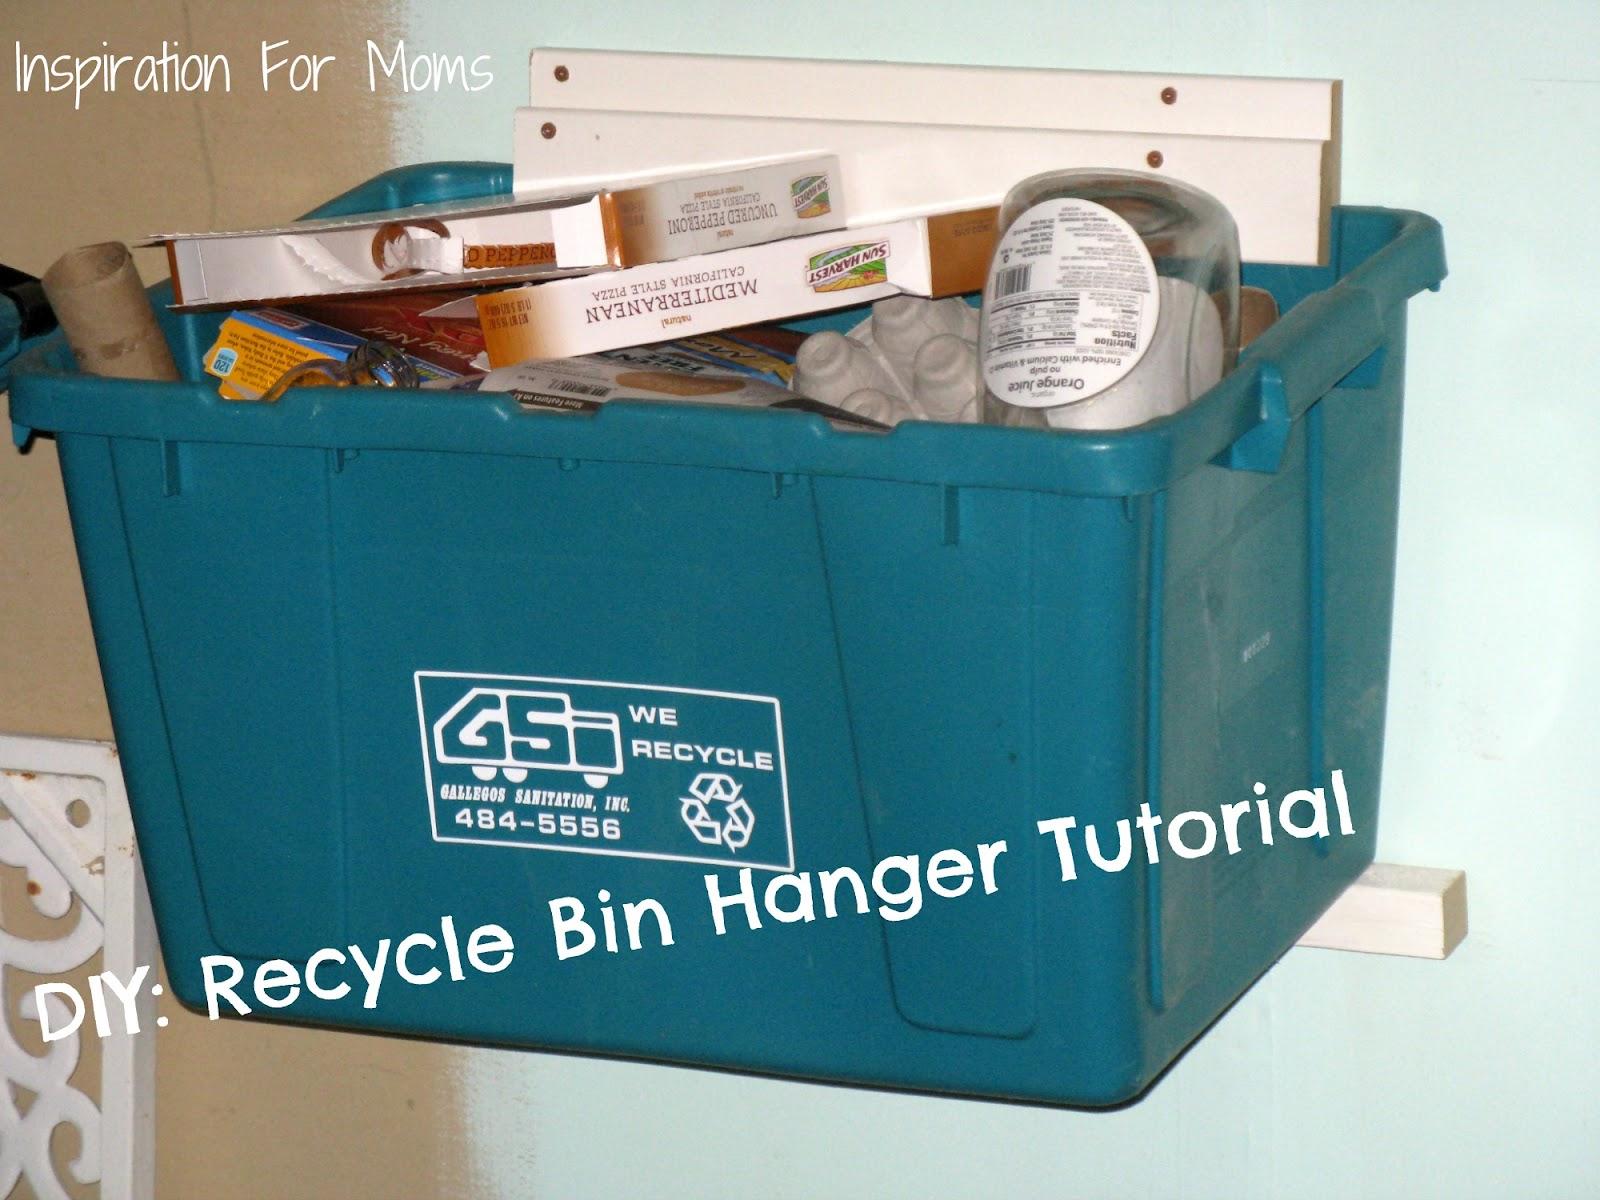 diy recycle bin hanger tutorial inspiration for moms. Black Bedroom Furniture Sets. Home Design Ideas